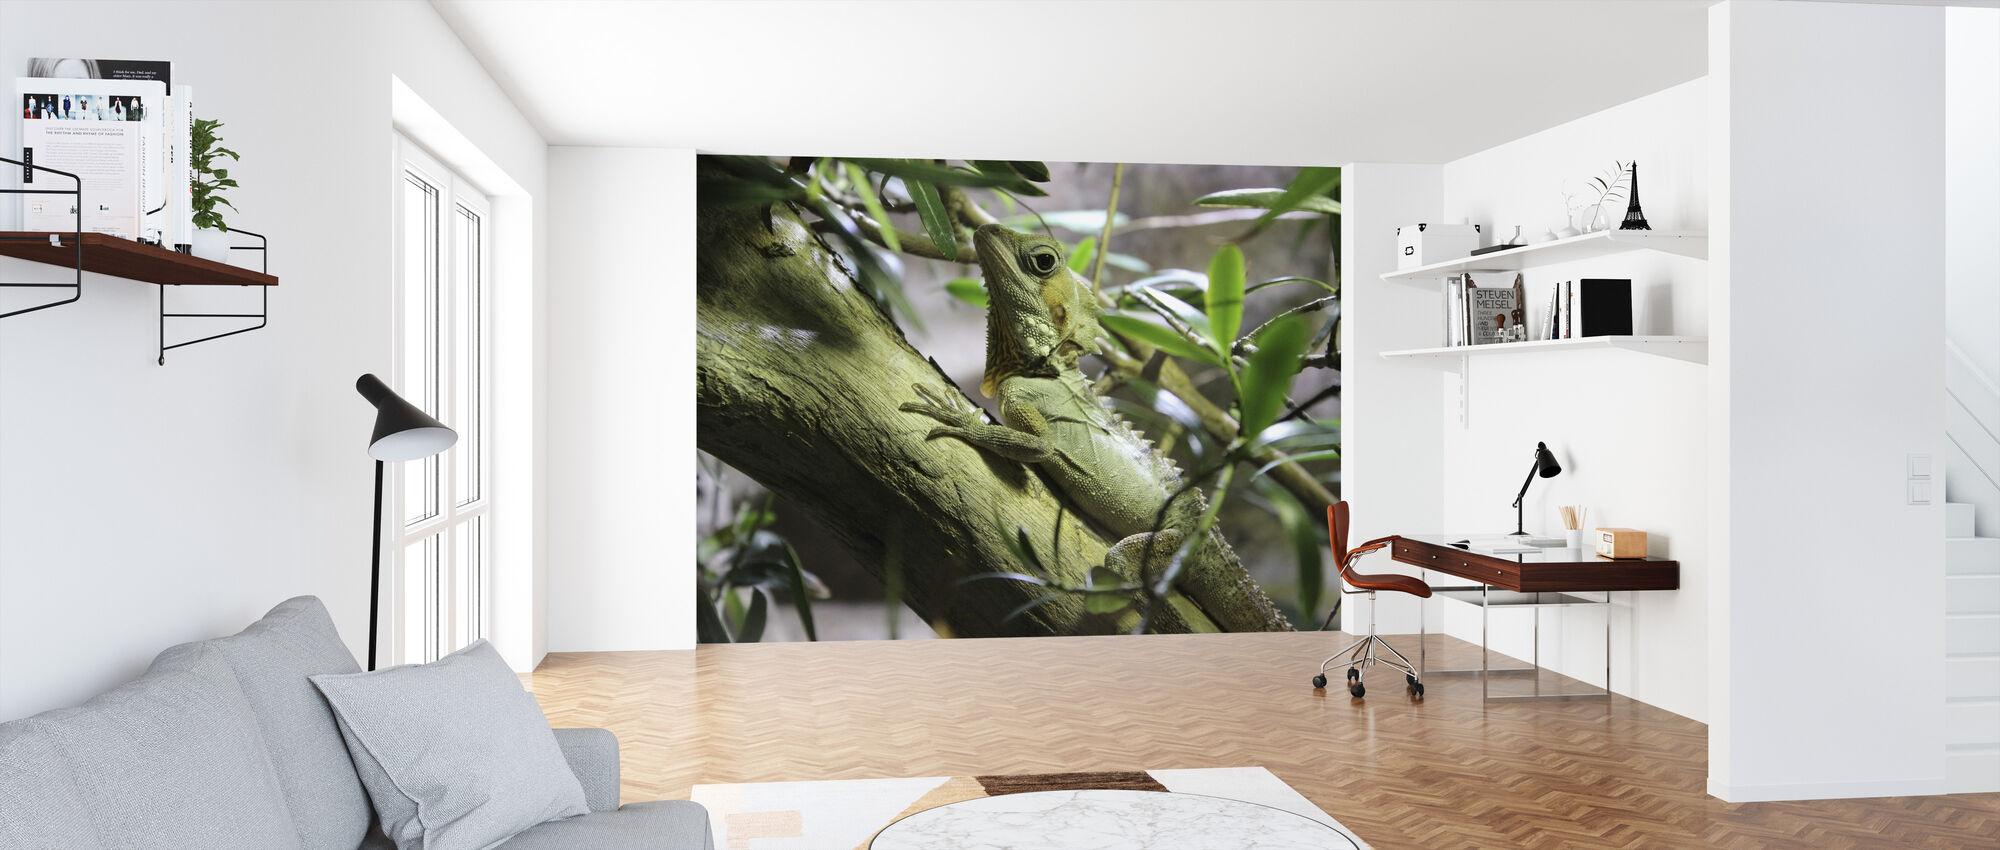 Lizard on Branch - Wallpaper - Office